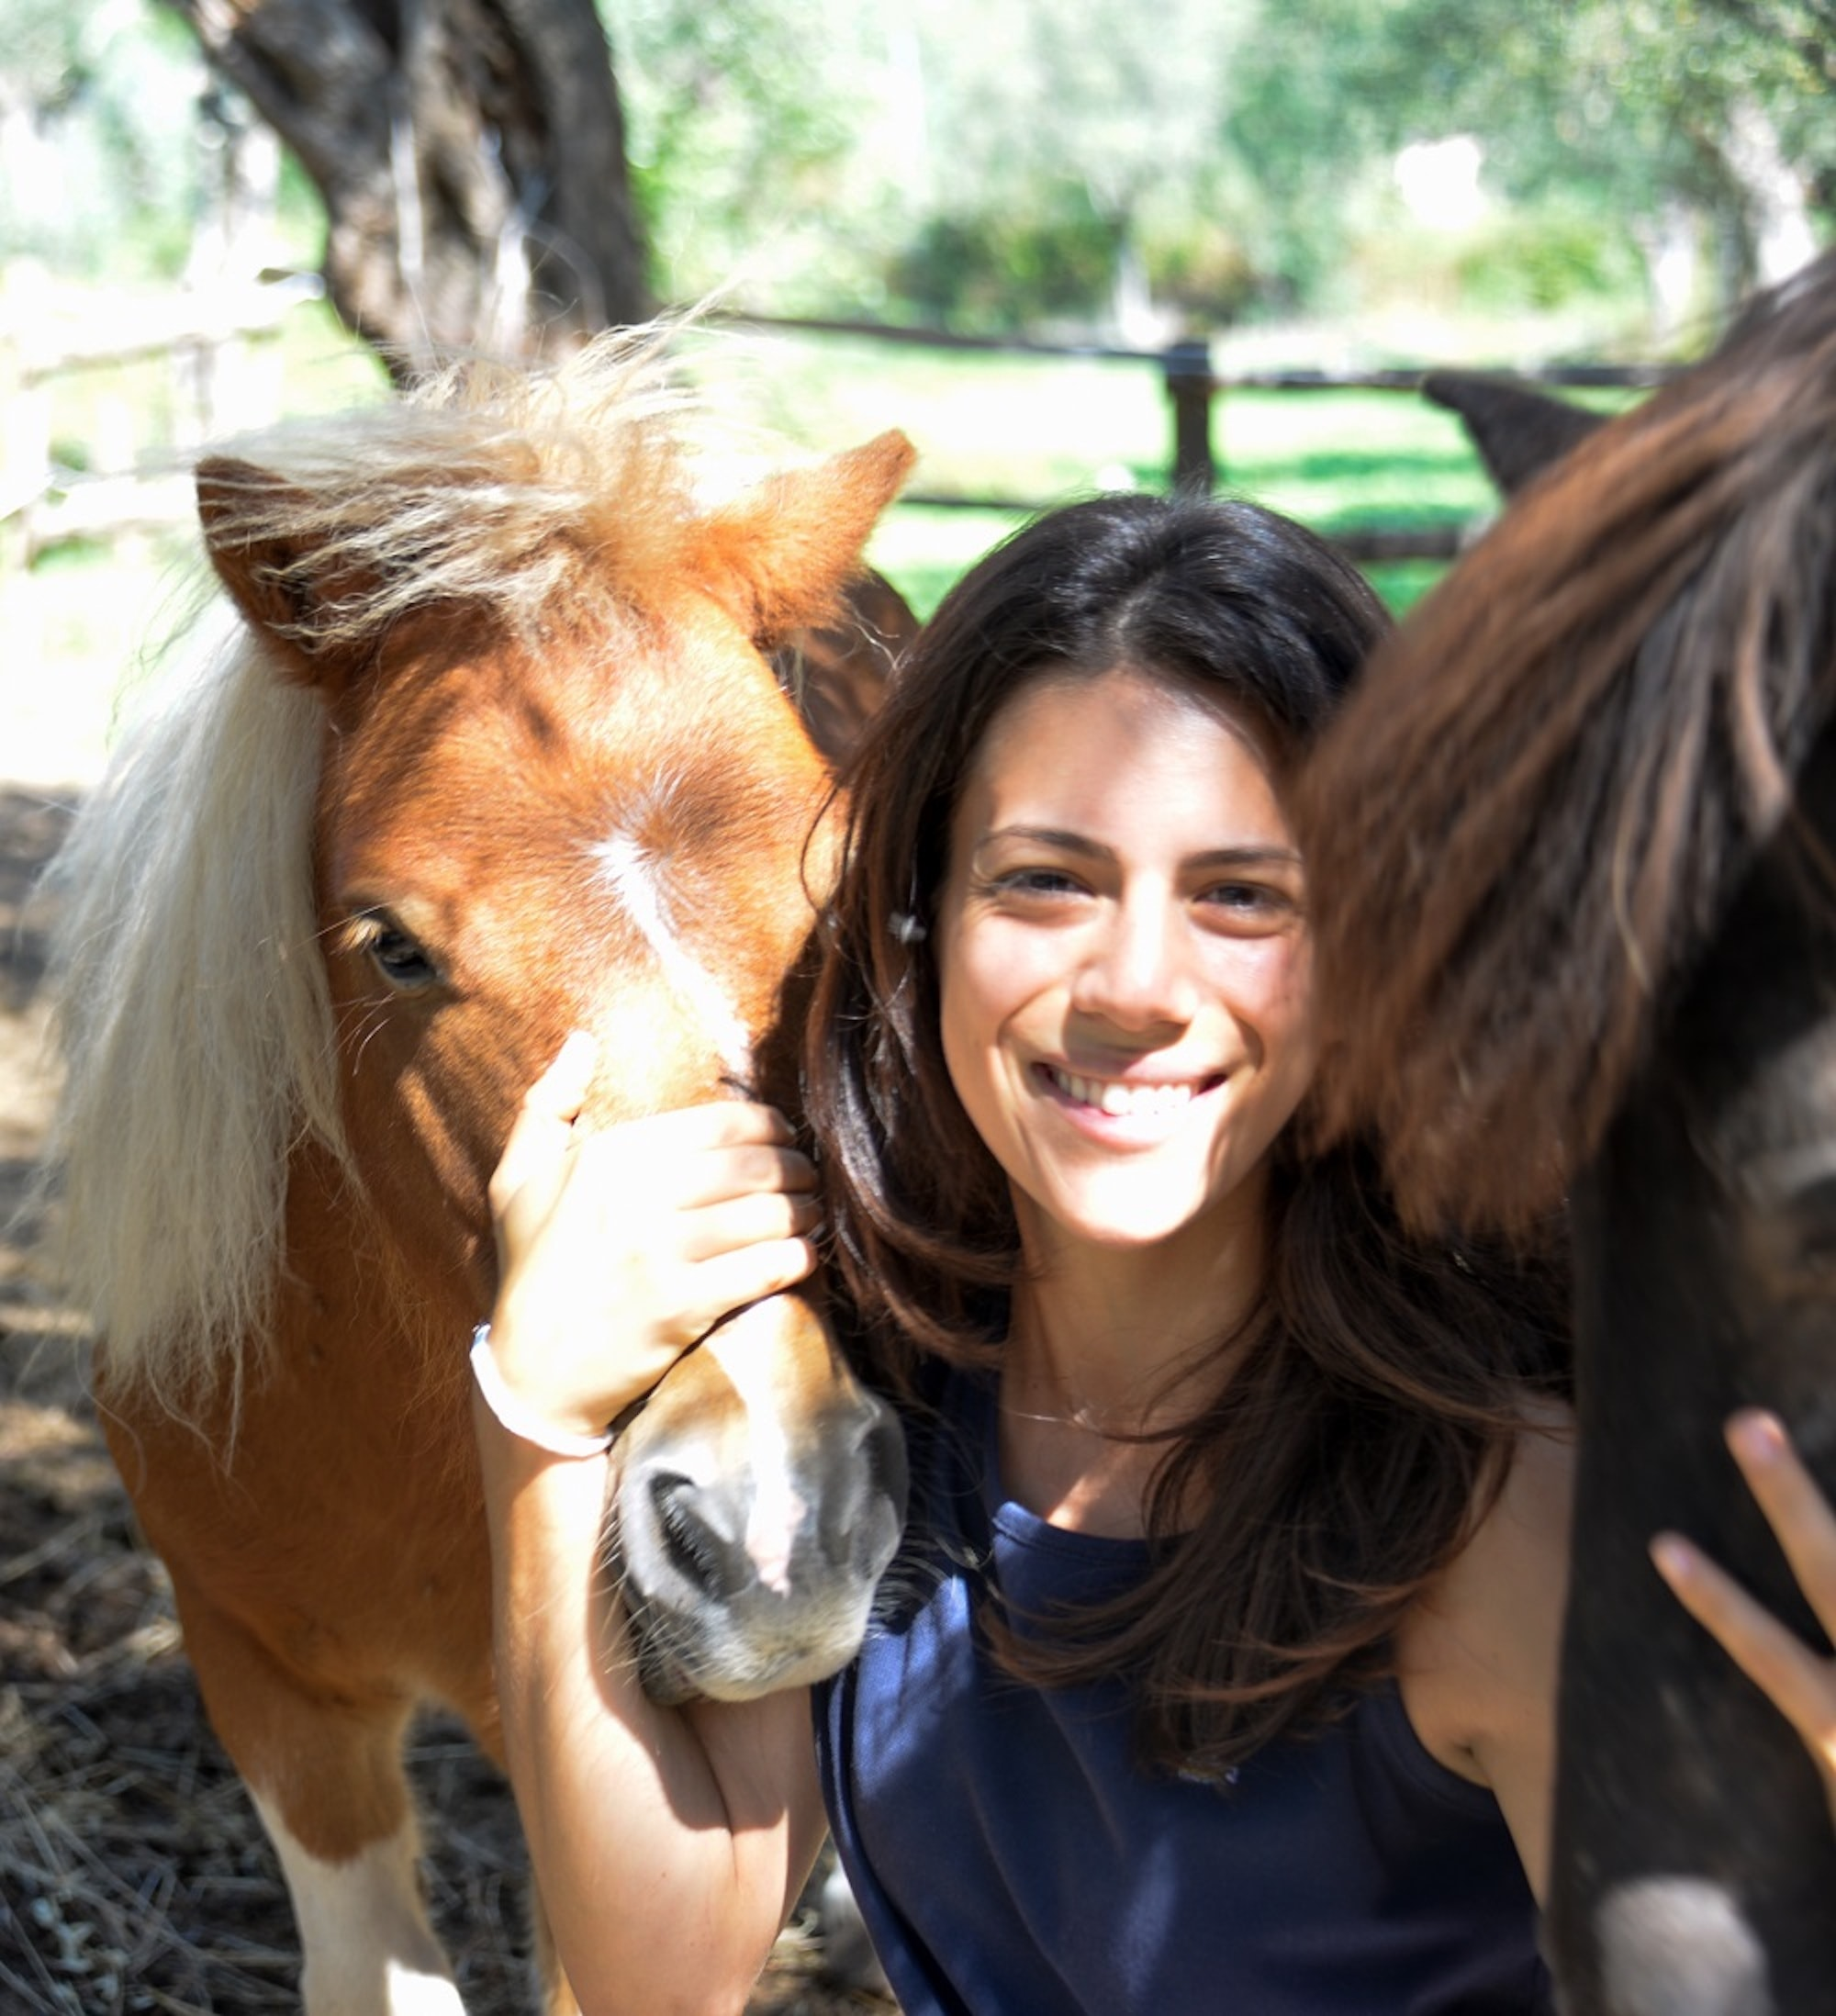 Go to Lucia de Ferrari's profile